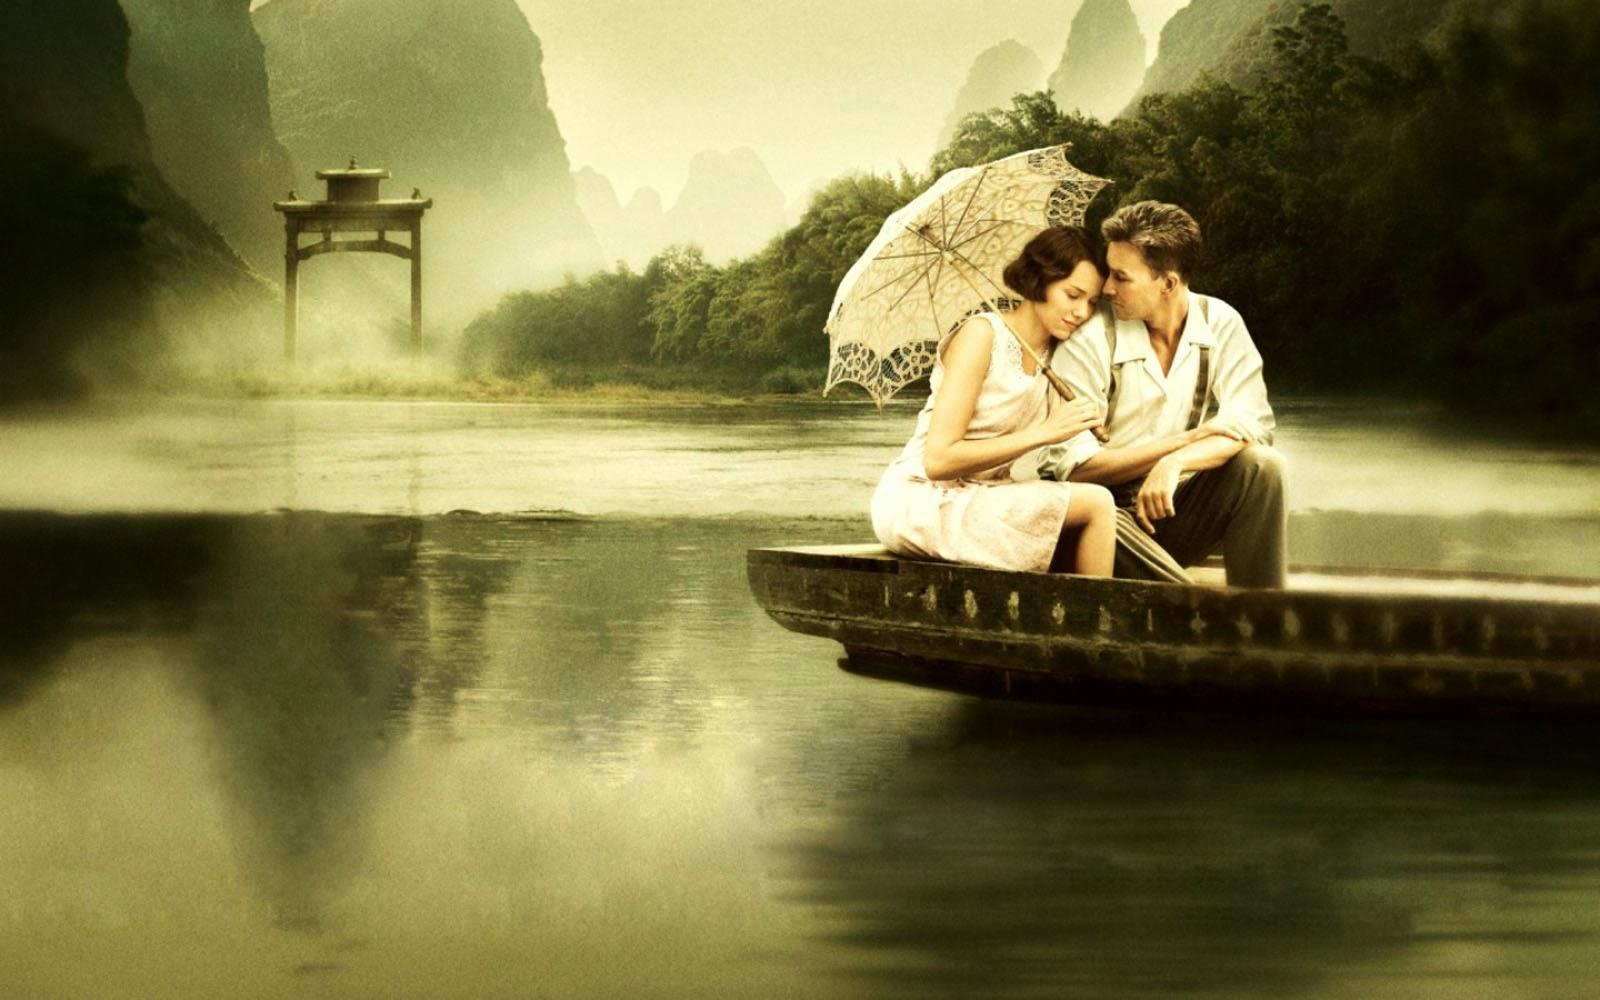 True Love Couple Wallpapers   Top Wallpaper Desktop 1600x1000